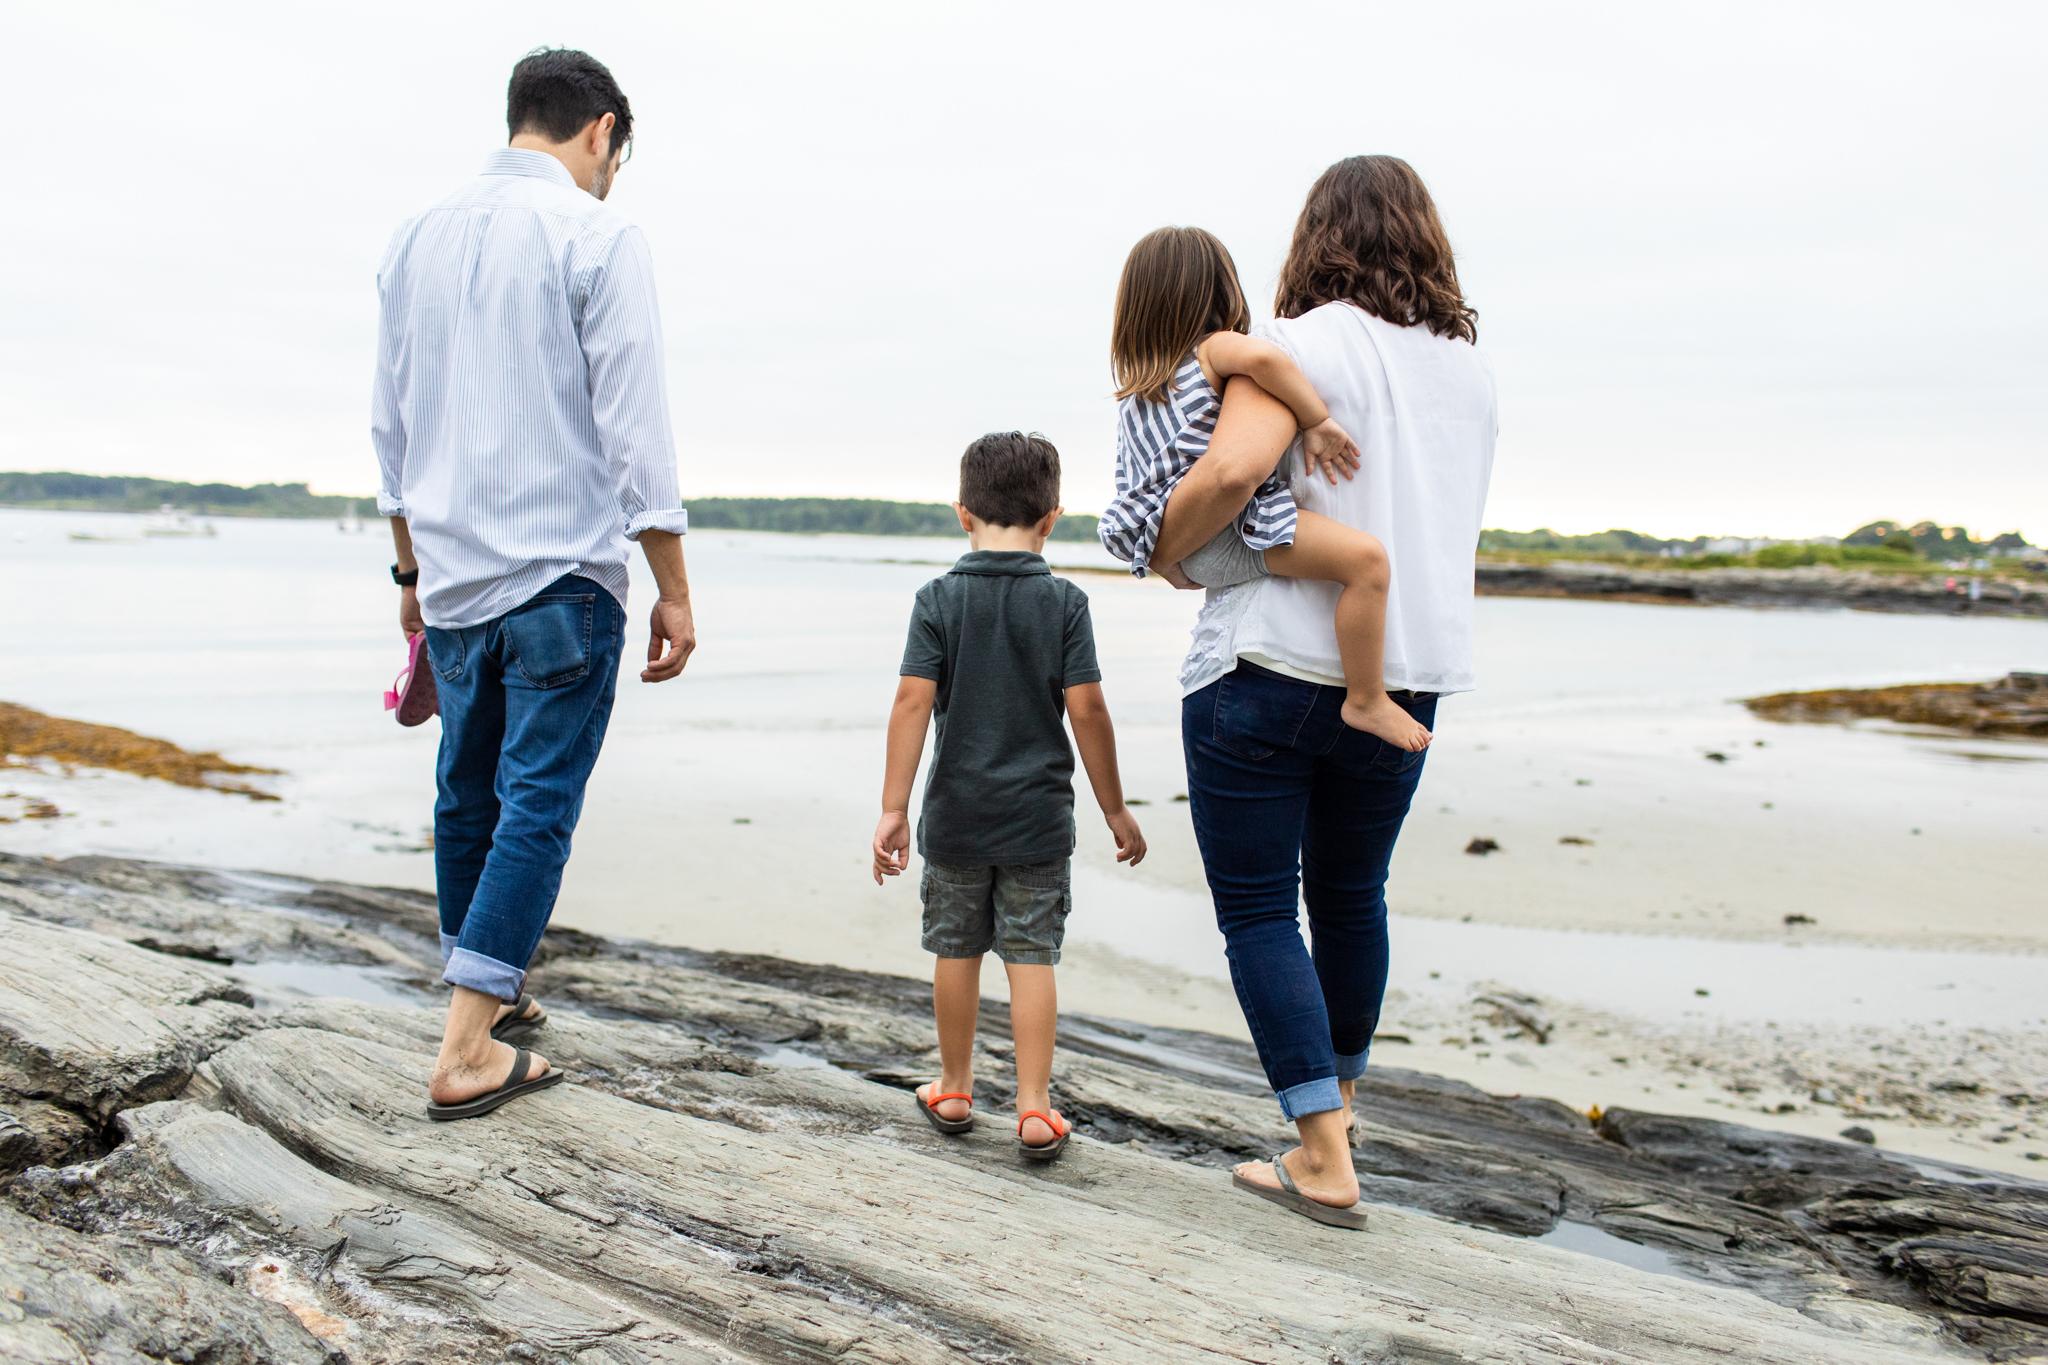 maine-family-photographer-beach-lifestyle -64.jpg